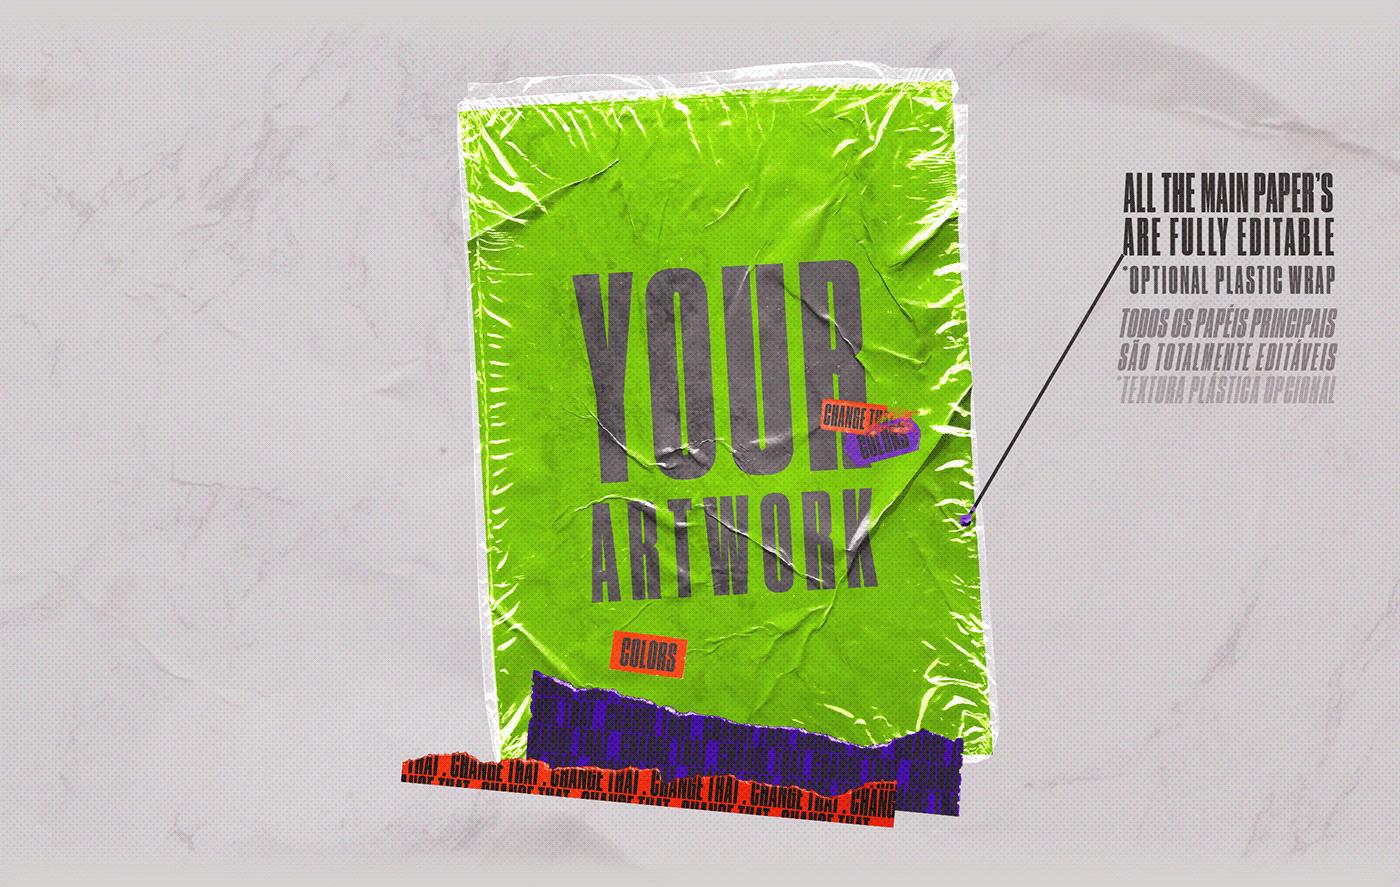 [淘宝购买] 4款潮流撕纸塑料袋叠层效果海报设计贴图PSD样机 CORES Mockups Pack插图(3)